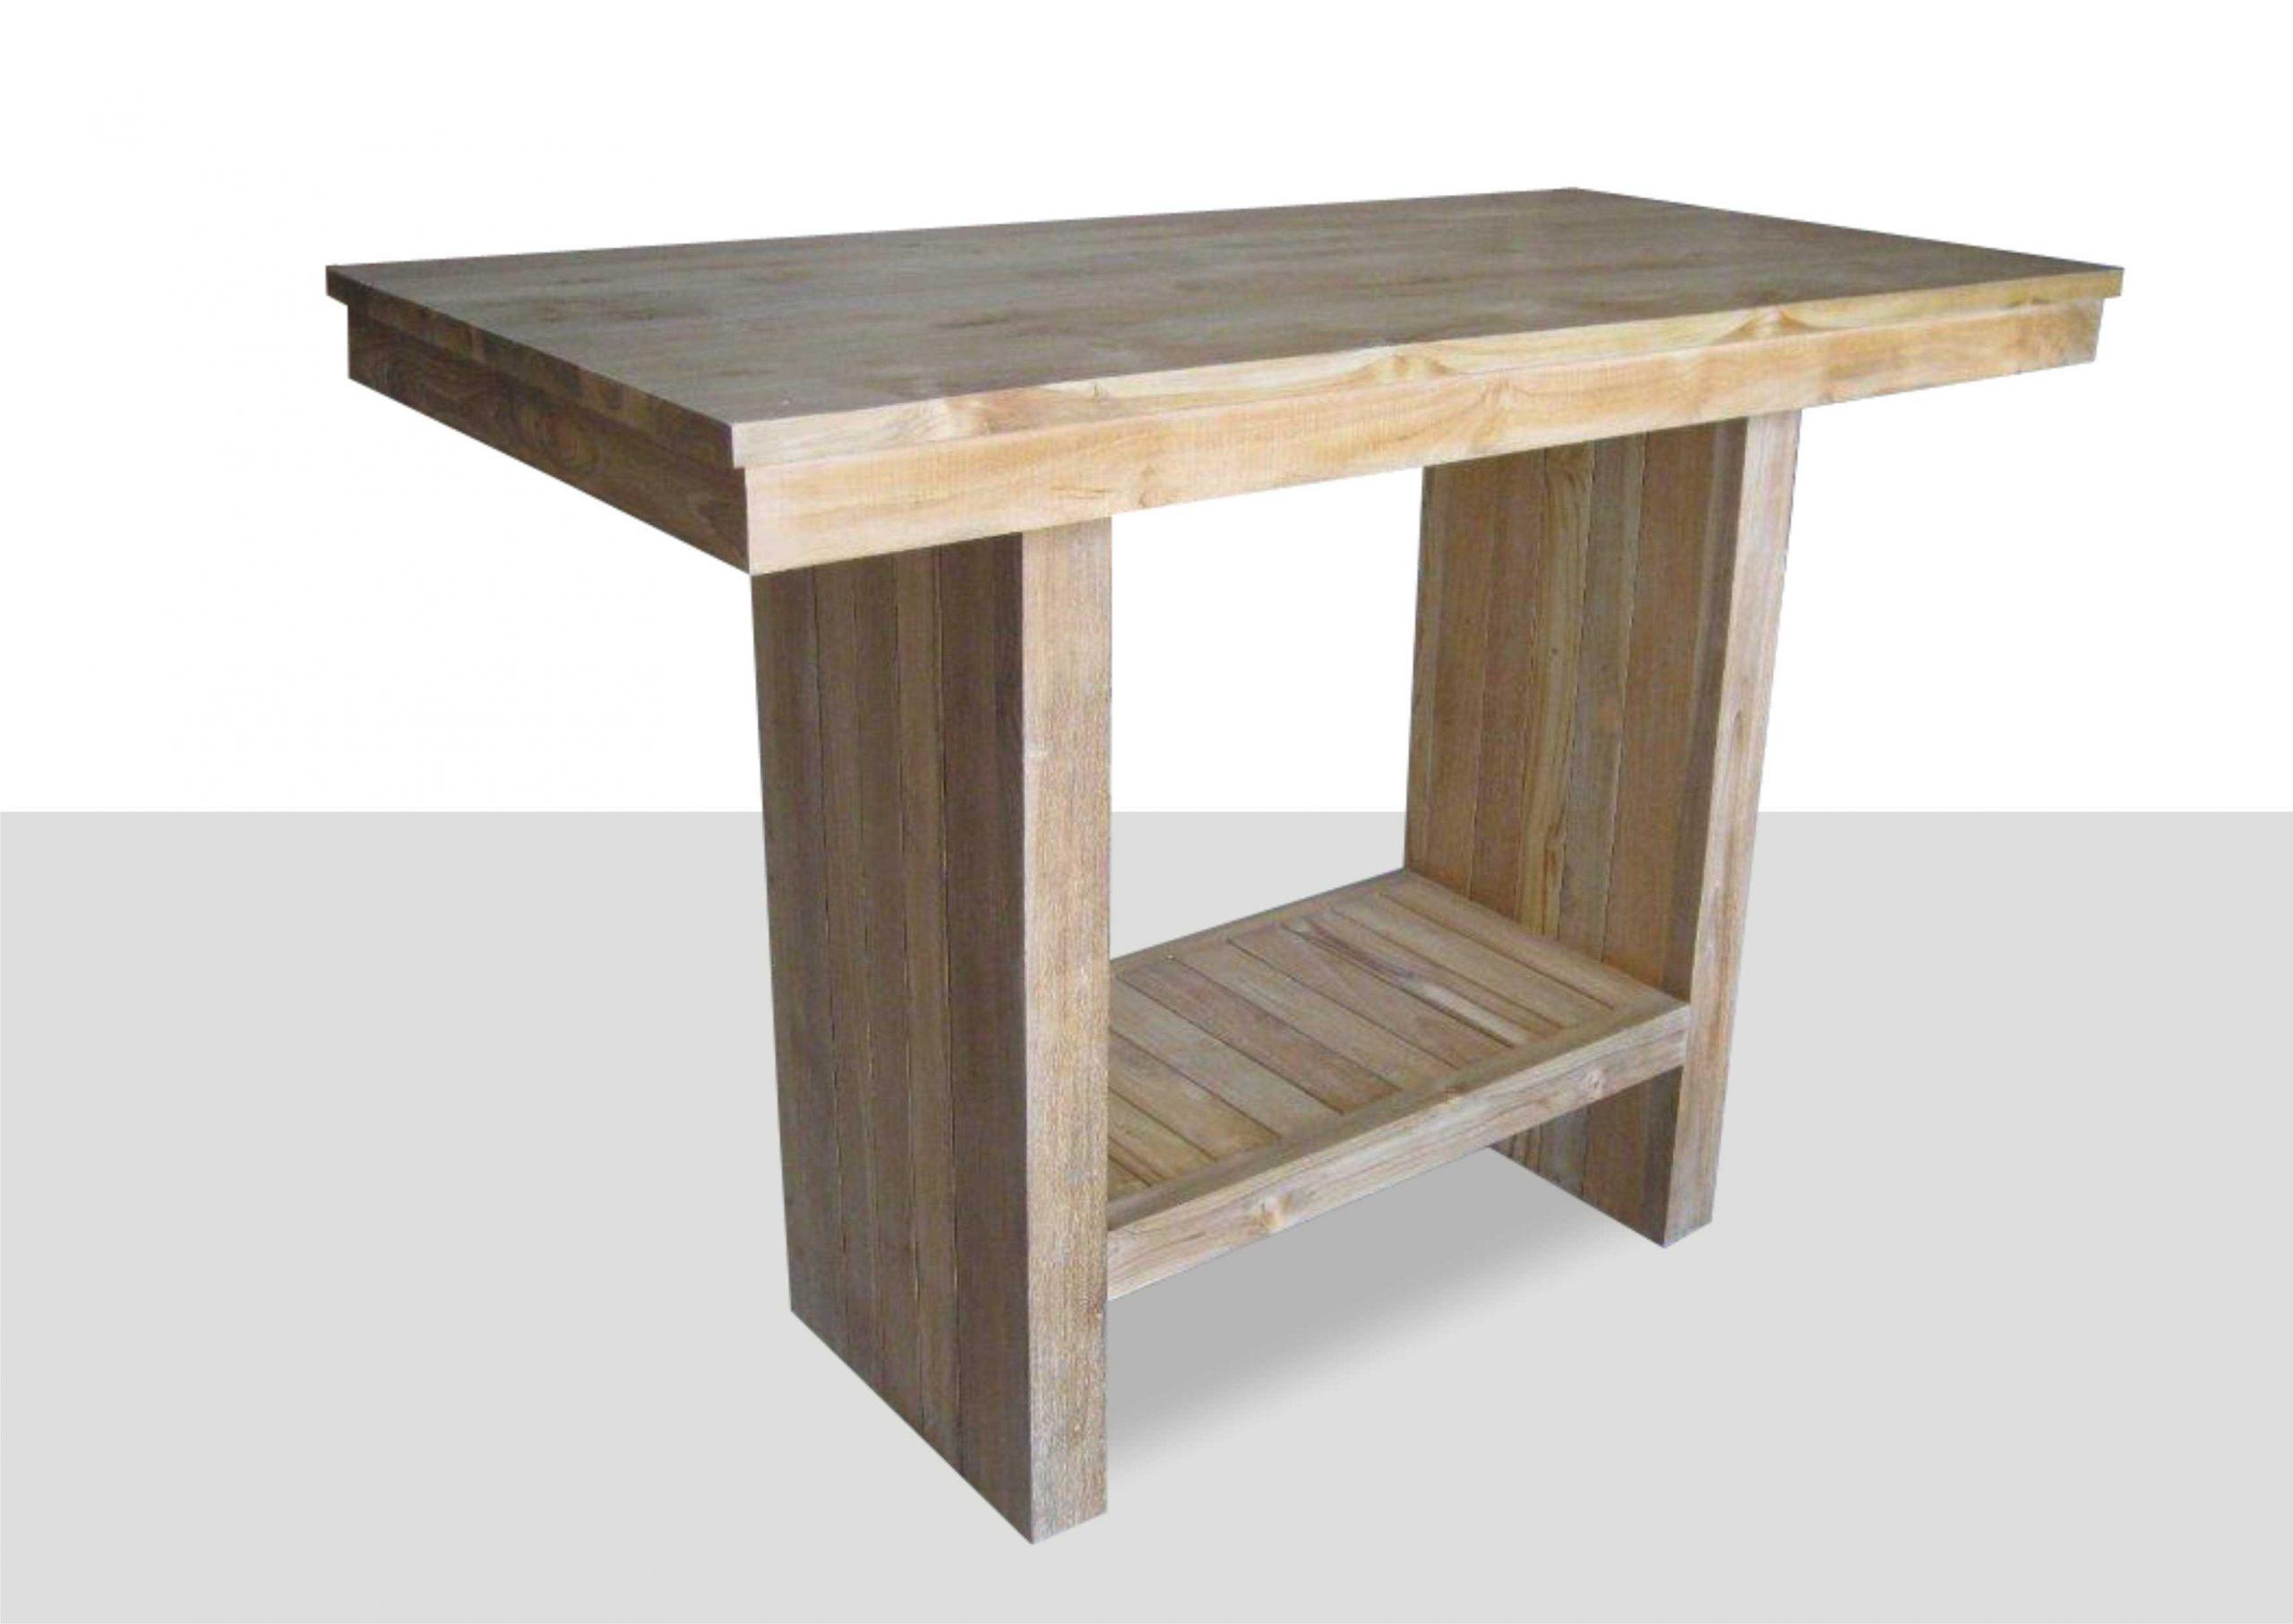 Table Cuisine Haute Bois - Idée De Modèle De Cuisine destiné Table De Jardin Pliante Castorama